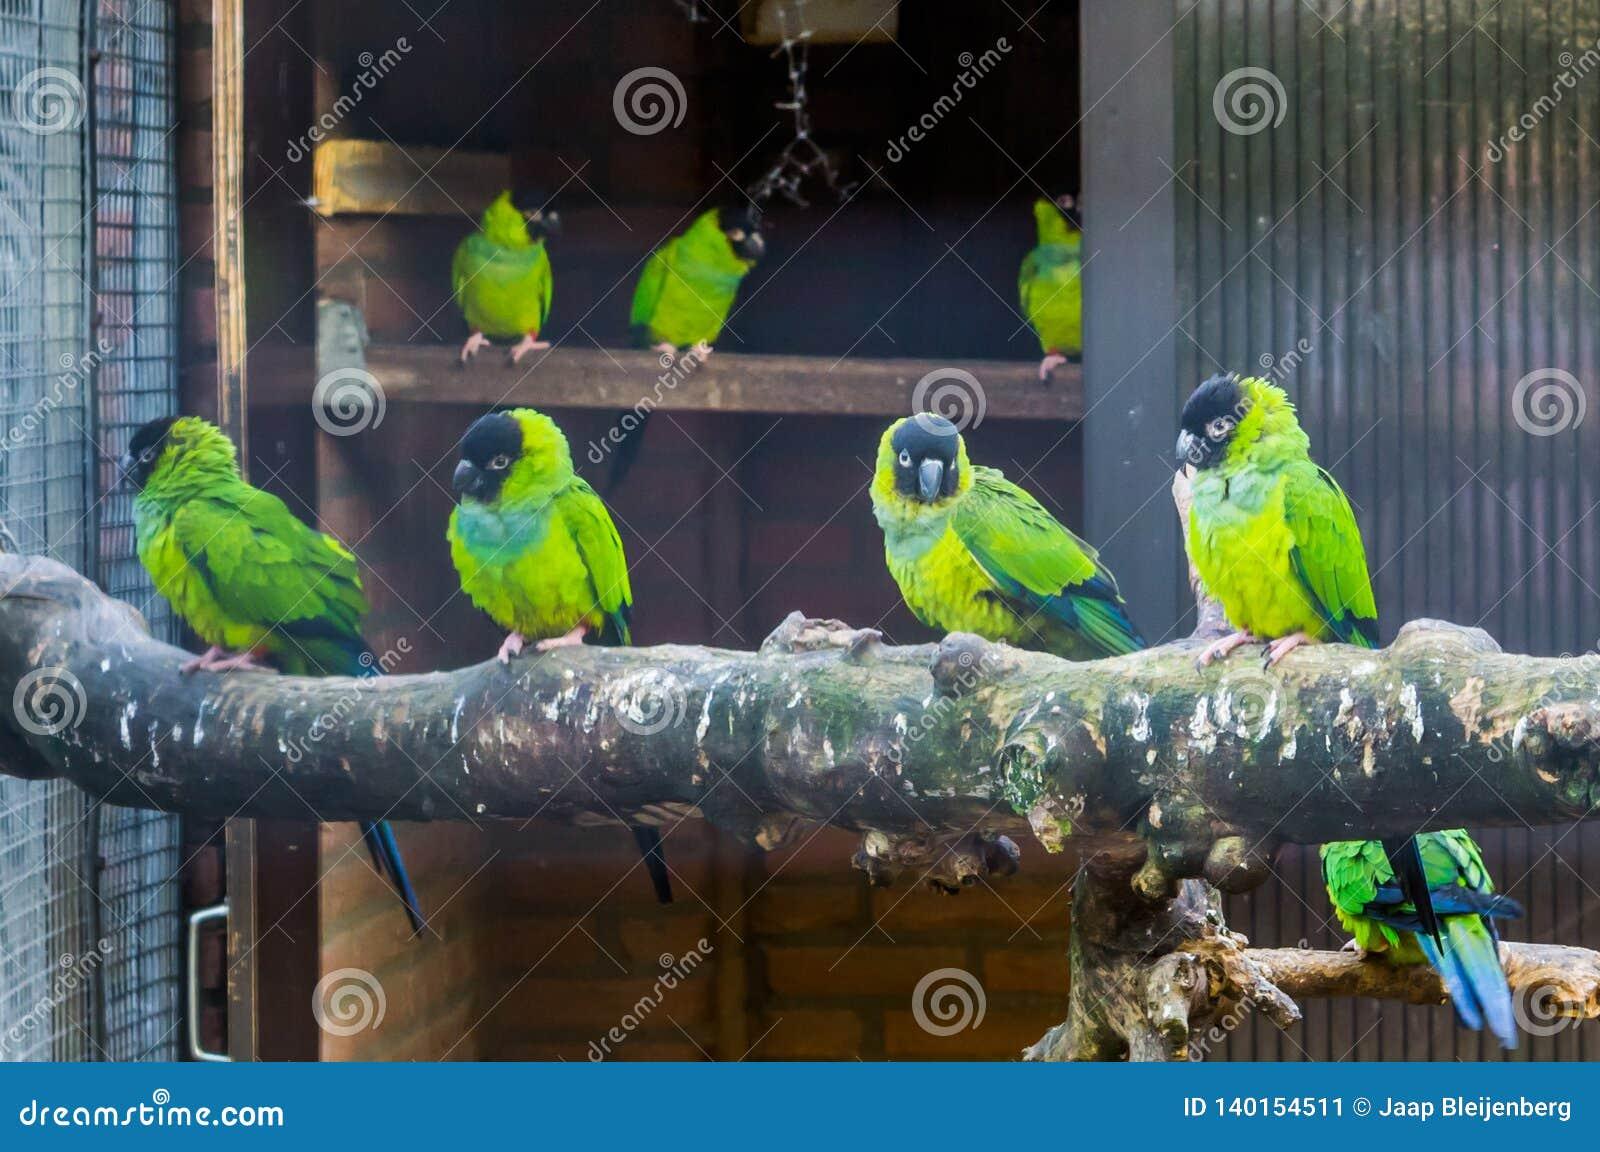 Aviculture aviarium som är full med nanday parakiter, populära husdjur i tropiska och färgrika fåglar för aviculture, från Amerik